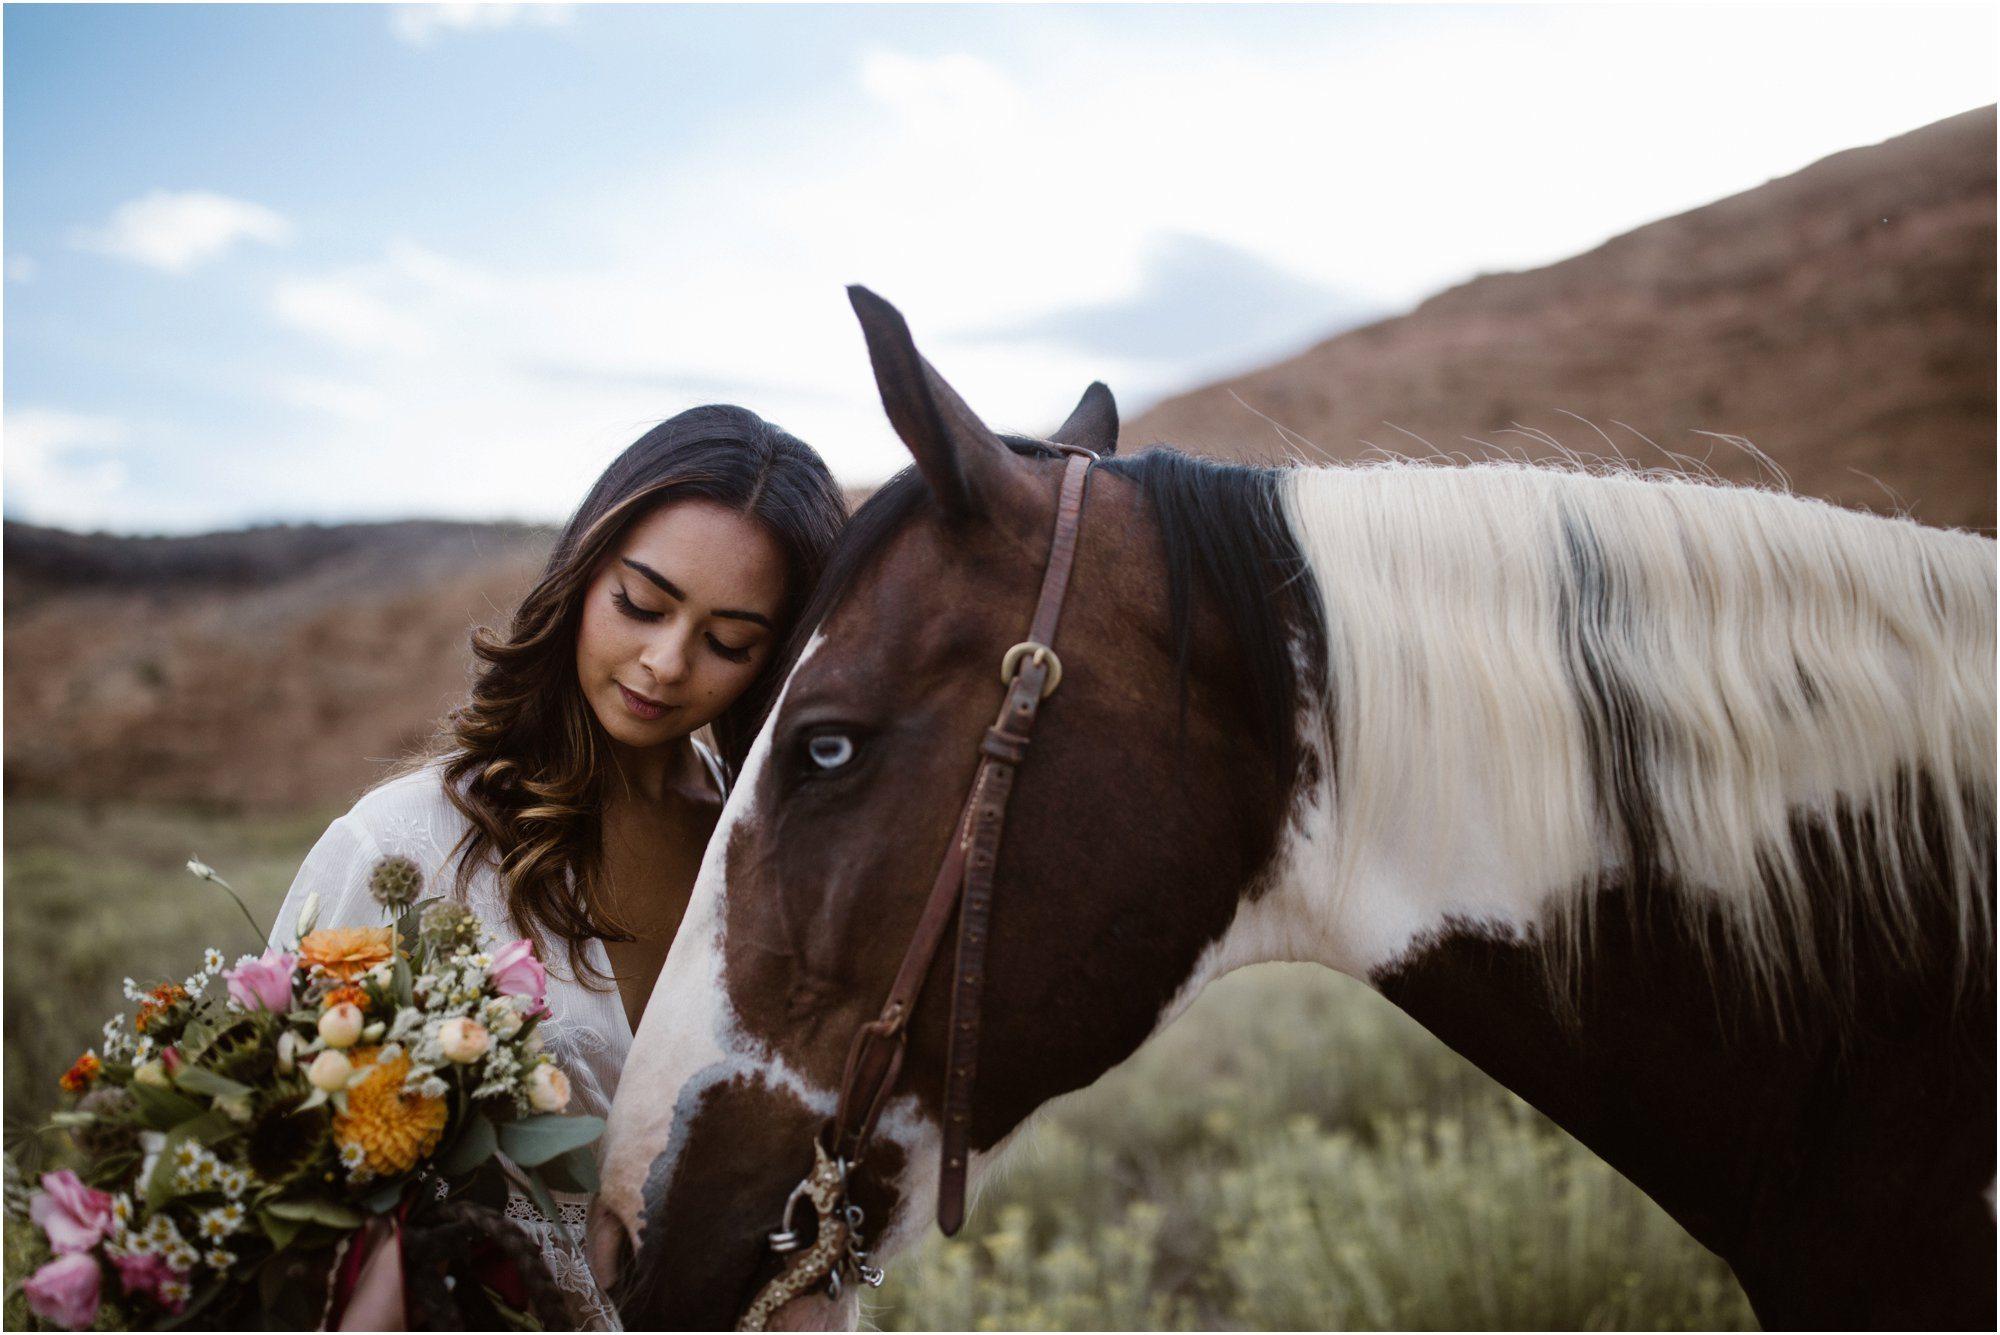 008Blue Rose Photography_ Albuquerque Portrait Photographer_ Fine Art Portraits_ Santa Fe Photographer